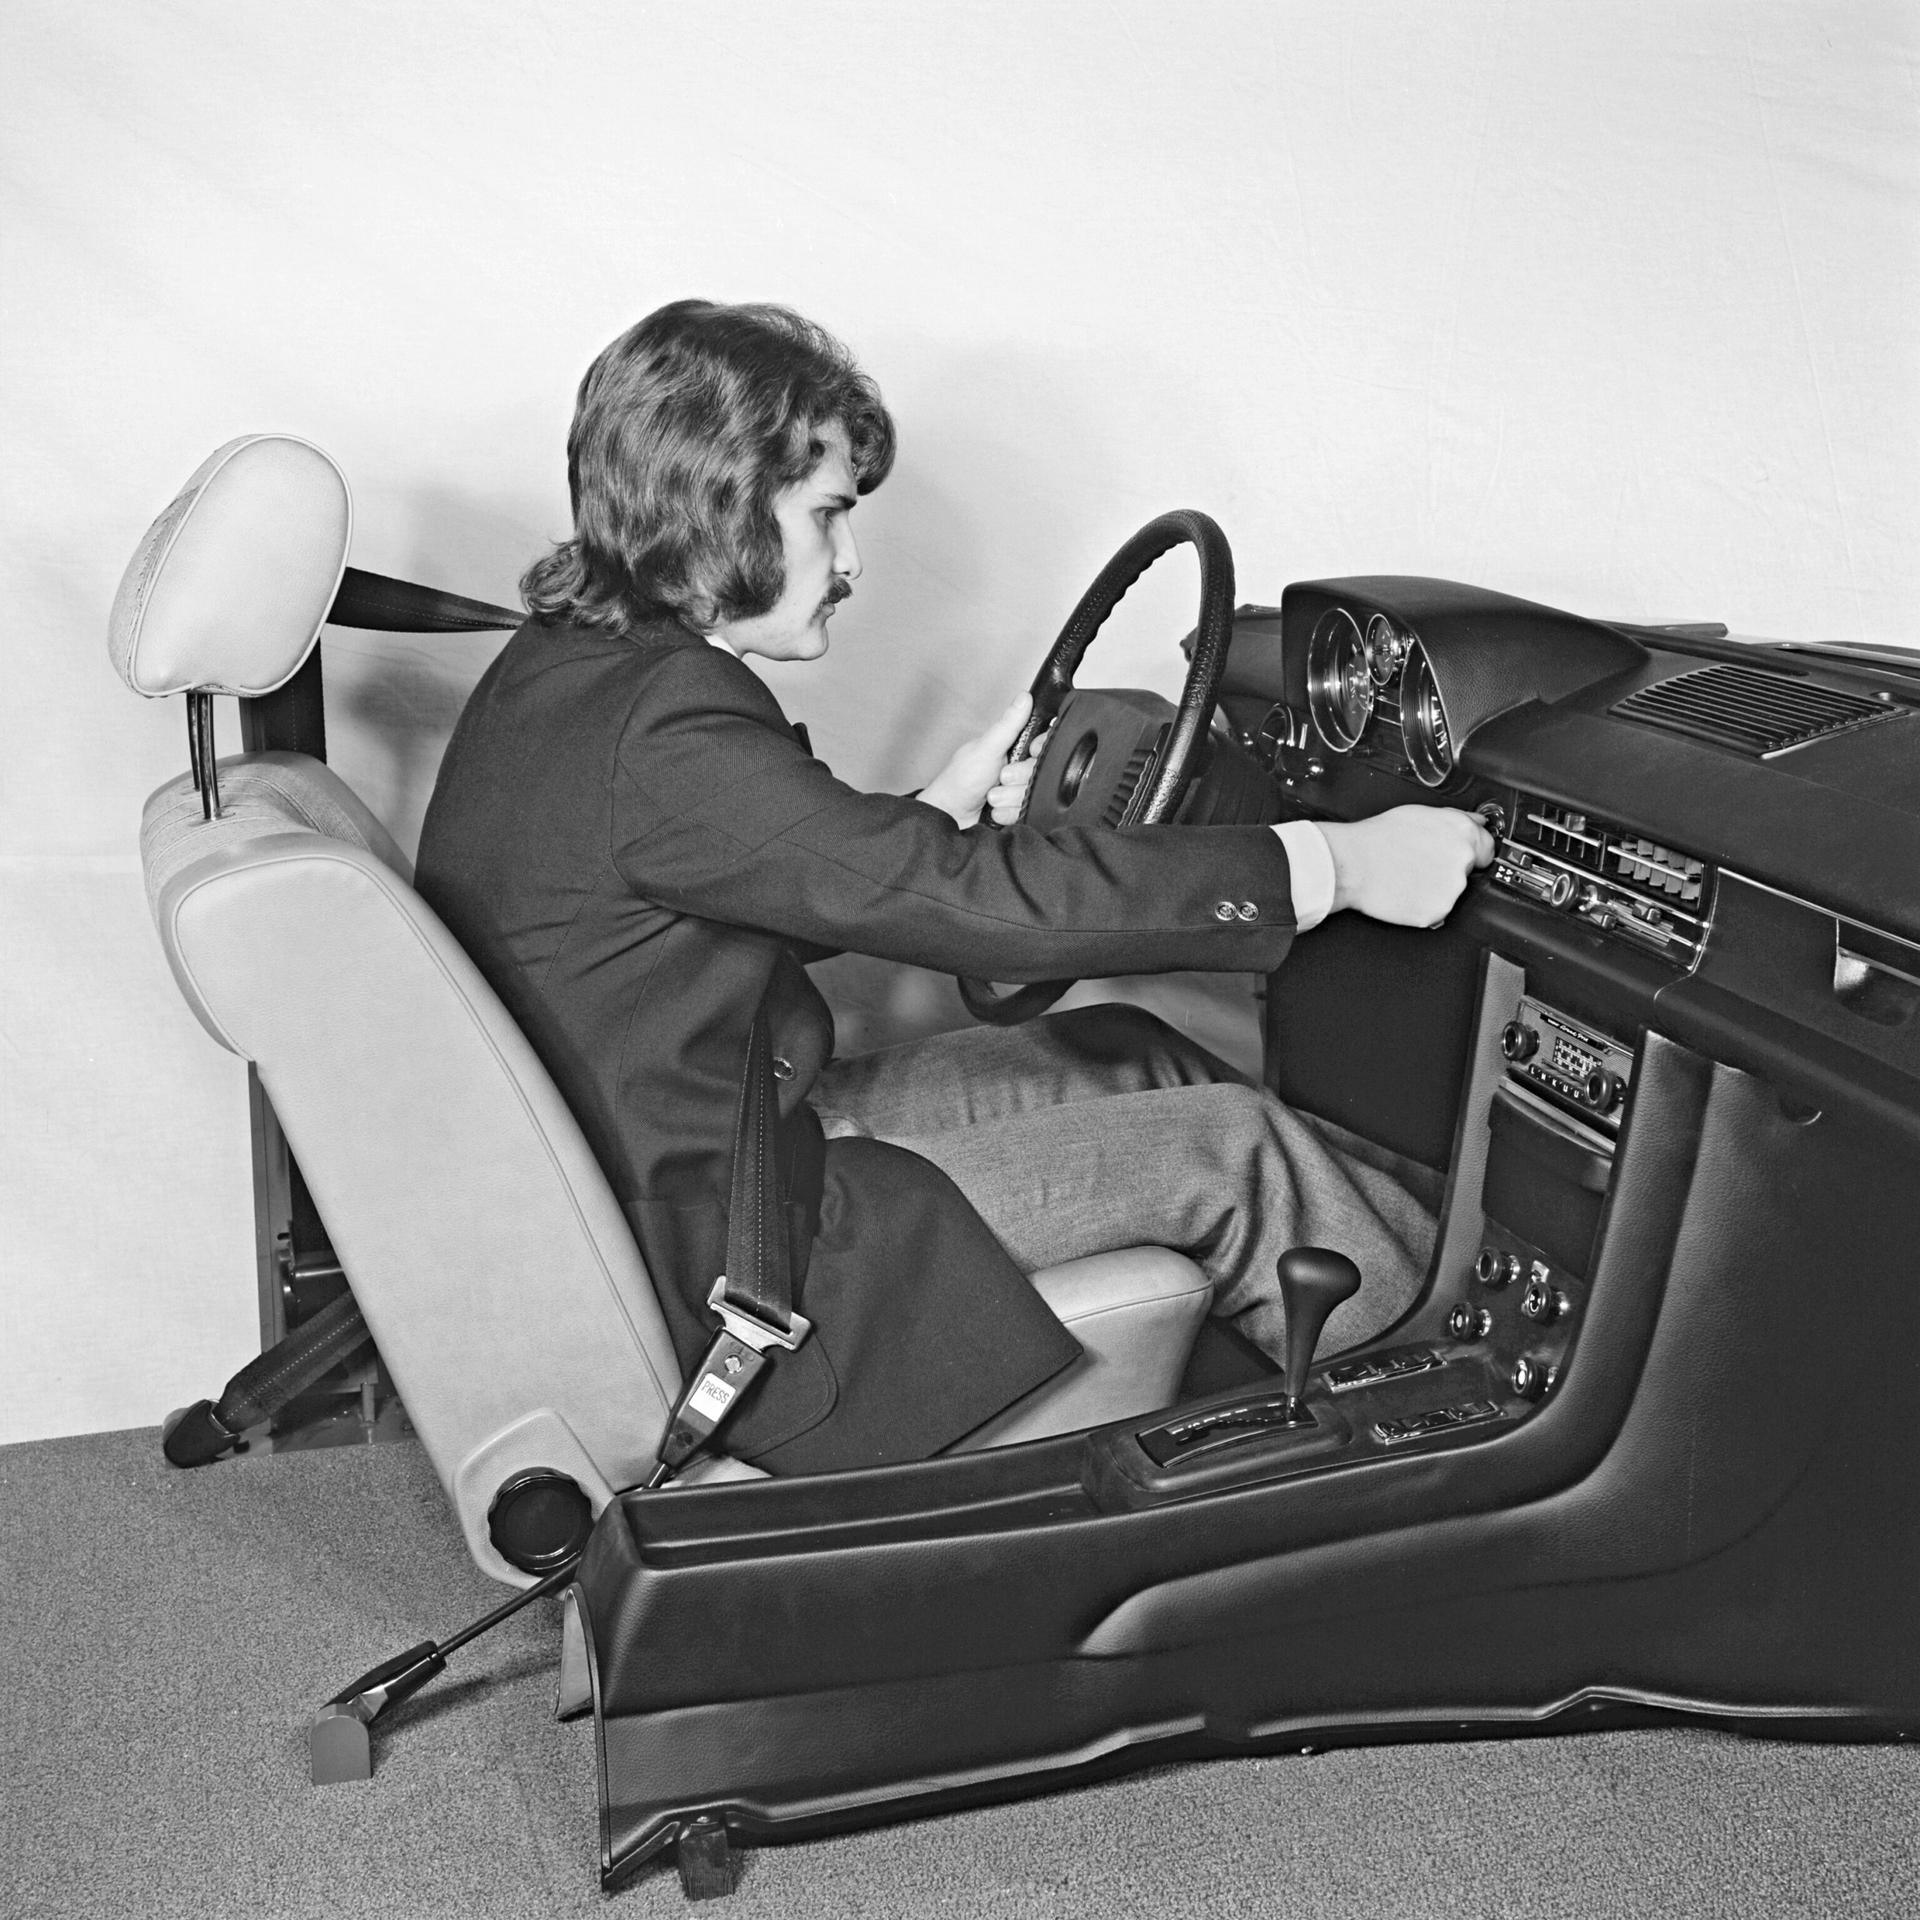 """Die Sicherheitsforschung der damaligen Daimler-Benz AG untersucht mit dieser Versuchsanordnung zur Ergonomie, wie sich in den """"Strich-Acht""""-Limousinen der Baureihen 115 und 114 (1968 bis 1976) bei angelegtem Dreipunktautomatikgurt Lenkrad und Armaturenanlage bedienen lassen."""